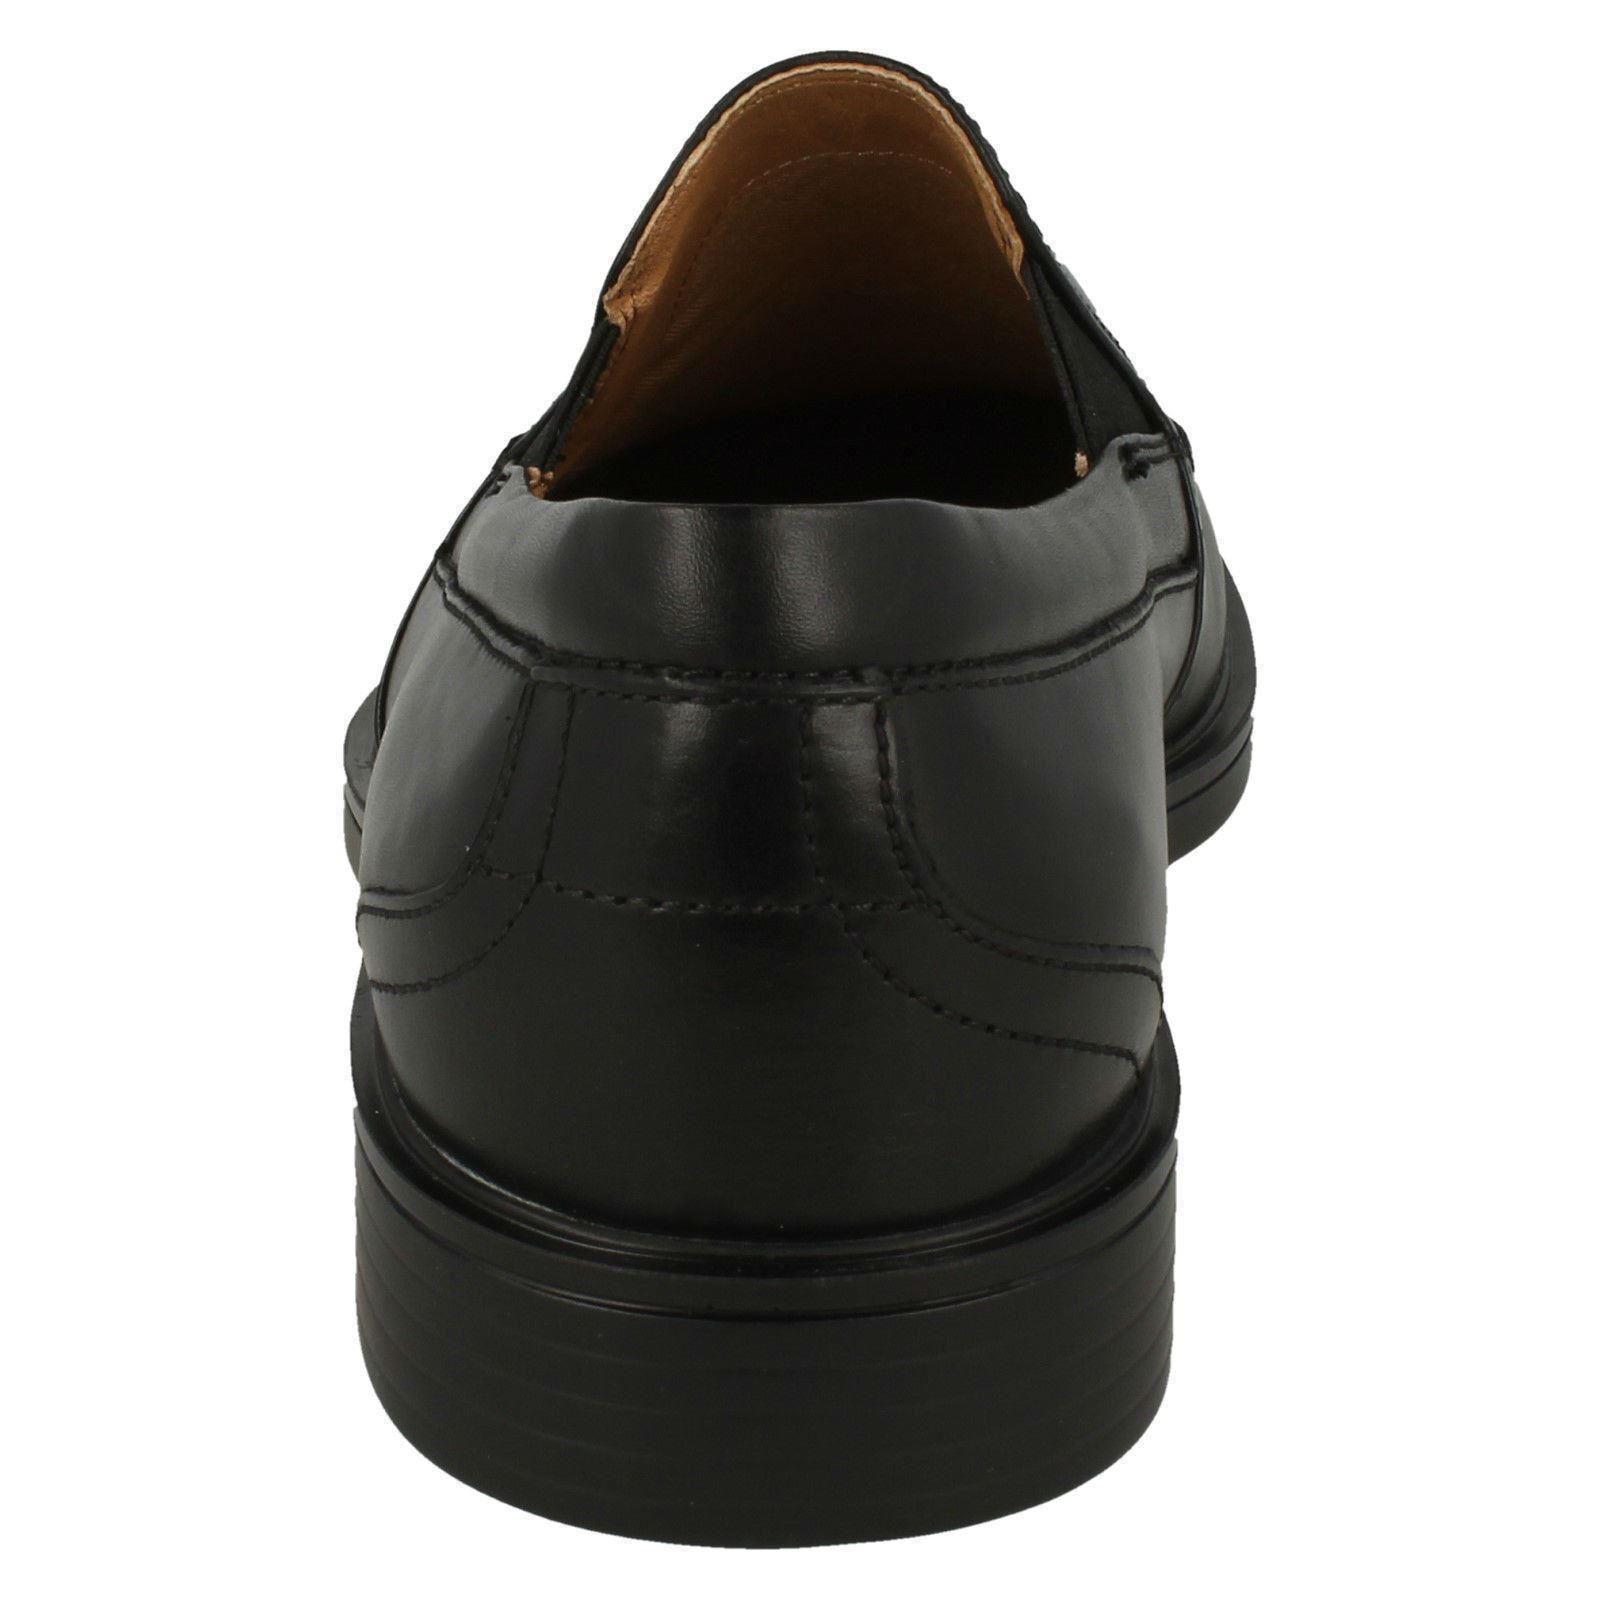 Uomo Clarks Un ALDRIC slip nero o marrone scuro scarpe slip-on di pelle Scarpe classiche da uomo